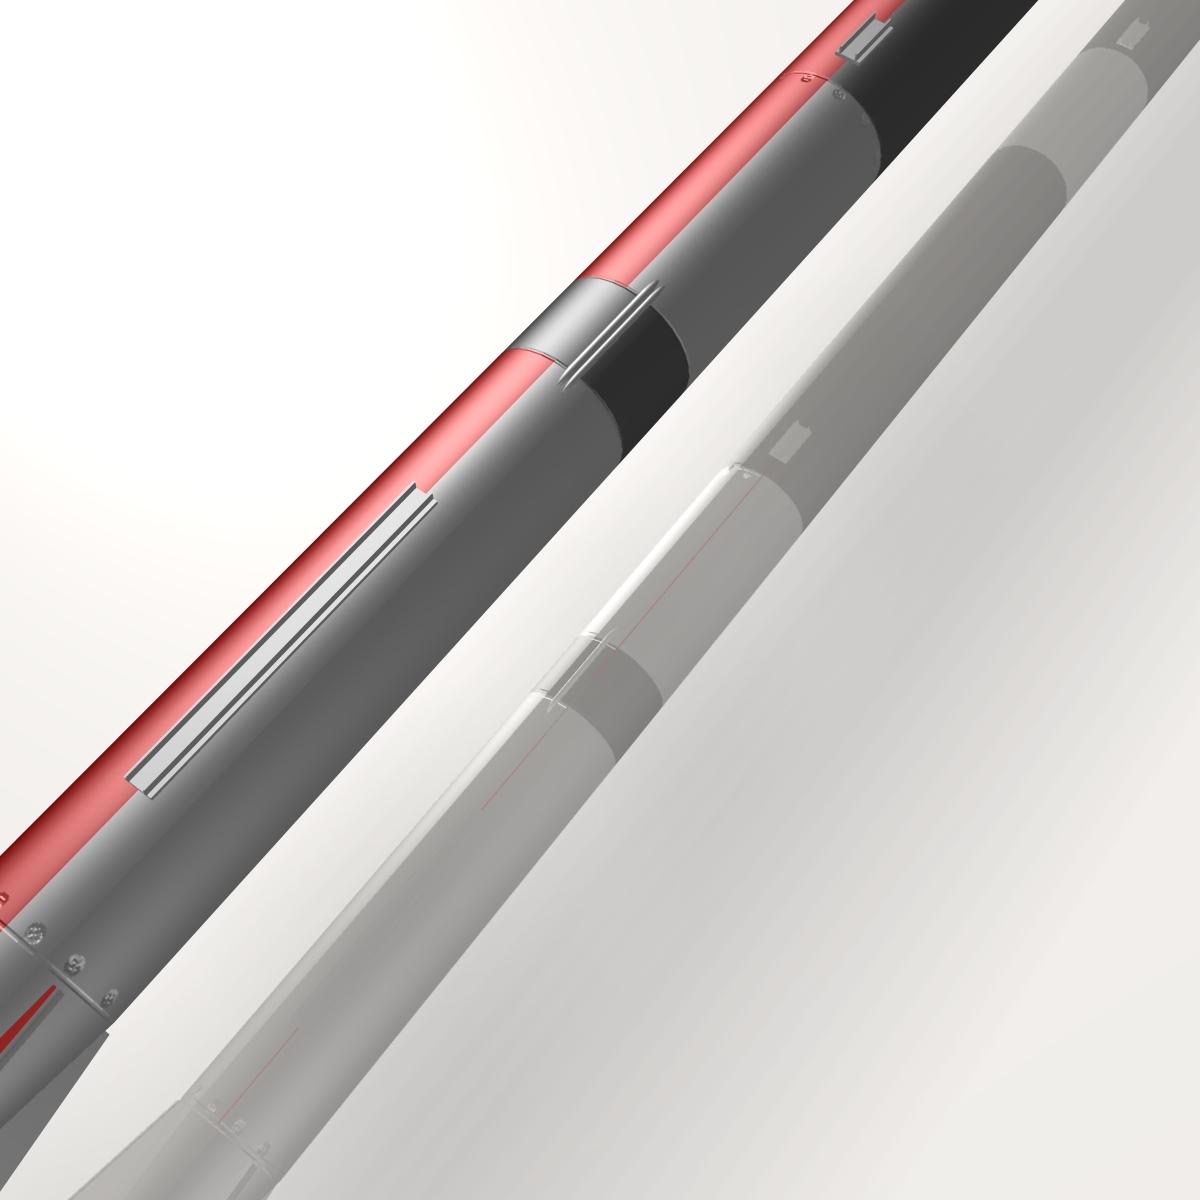 us l-13 rocket 3d model 3ds dxf cob x obj 140317